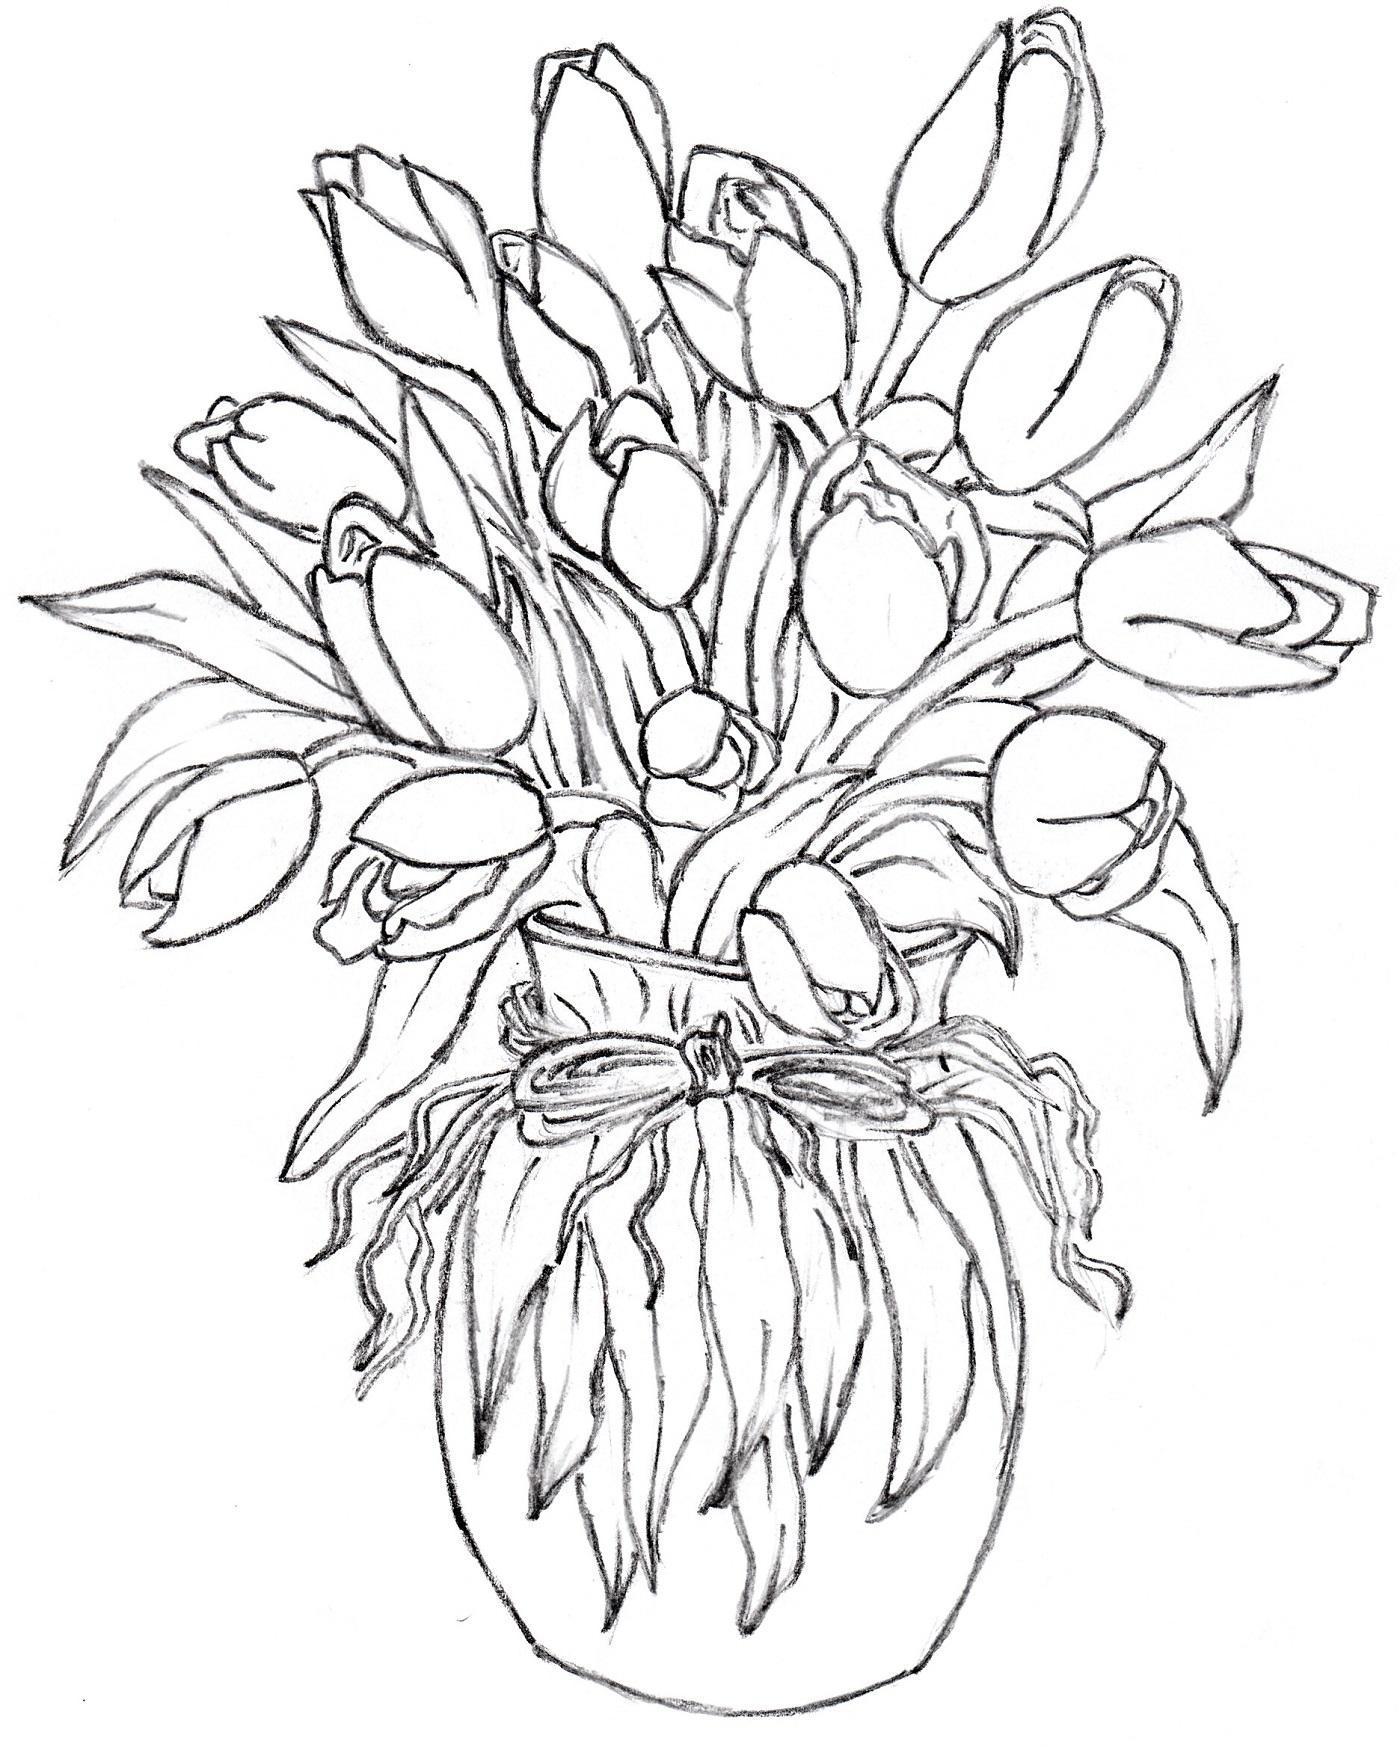 Drawn vase triangle Flower  Vase glass For